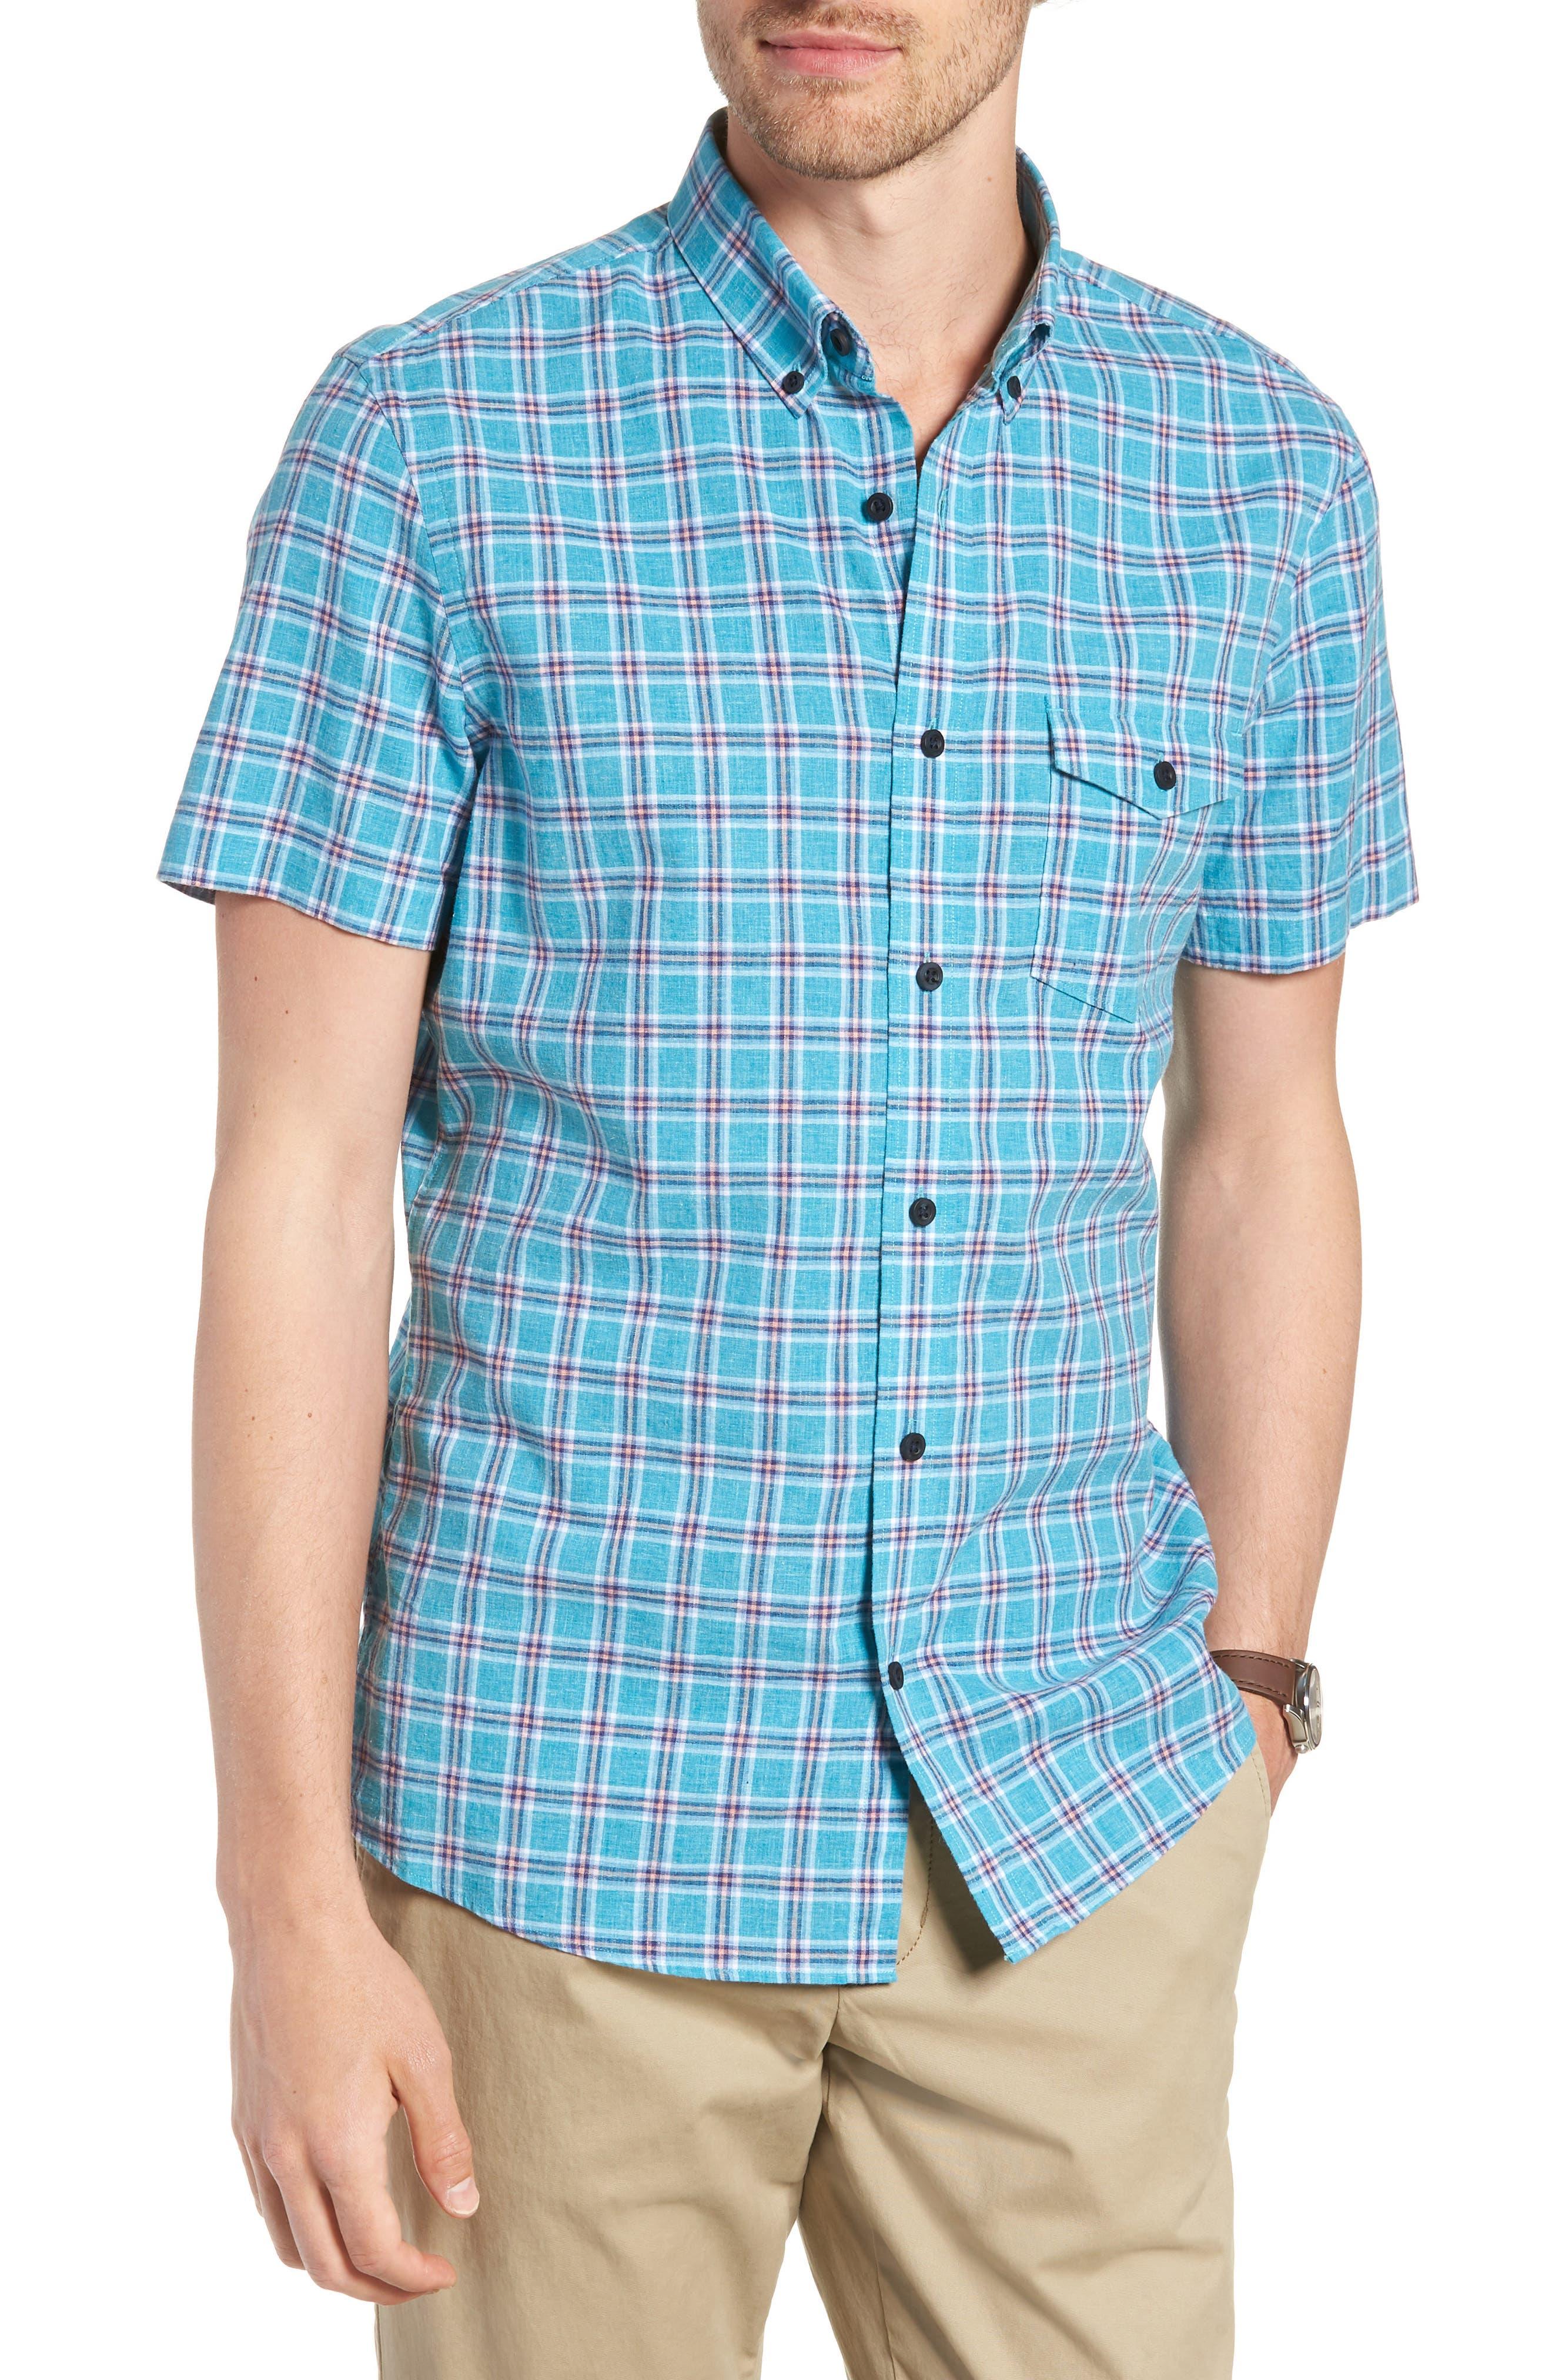 Ivy Trim Fit Plaid Cotton & Linen Sport Shirt,                             Main thumbnail 1, color,                             Teal Mosaic Linen Check